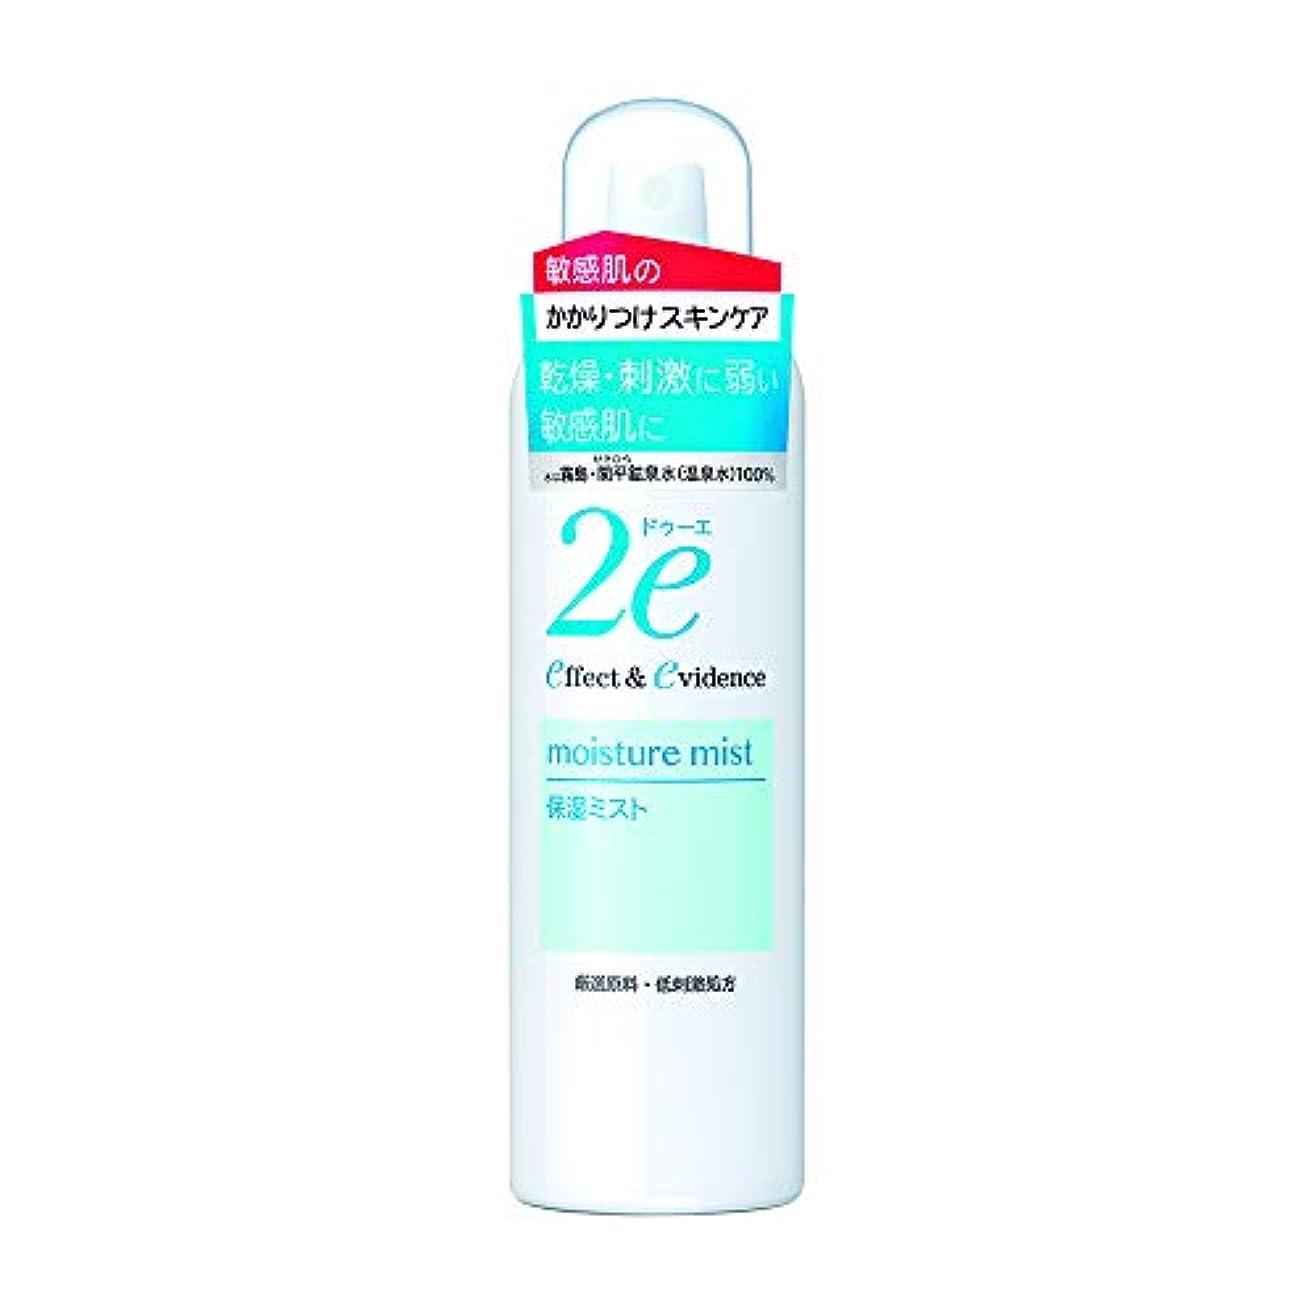 ファイル抑圧するオズワルド2e(ドゥーエ) 保湿ミスト 敏感肌用化粧水 スプレータイプ 低刺激処方 180g